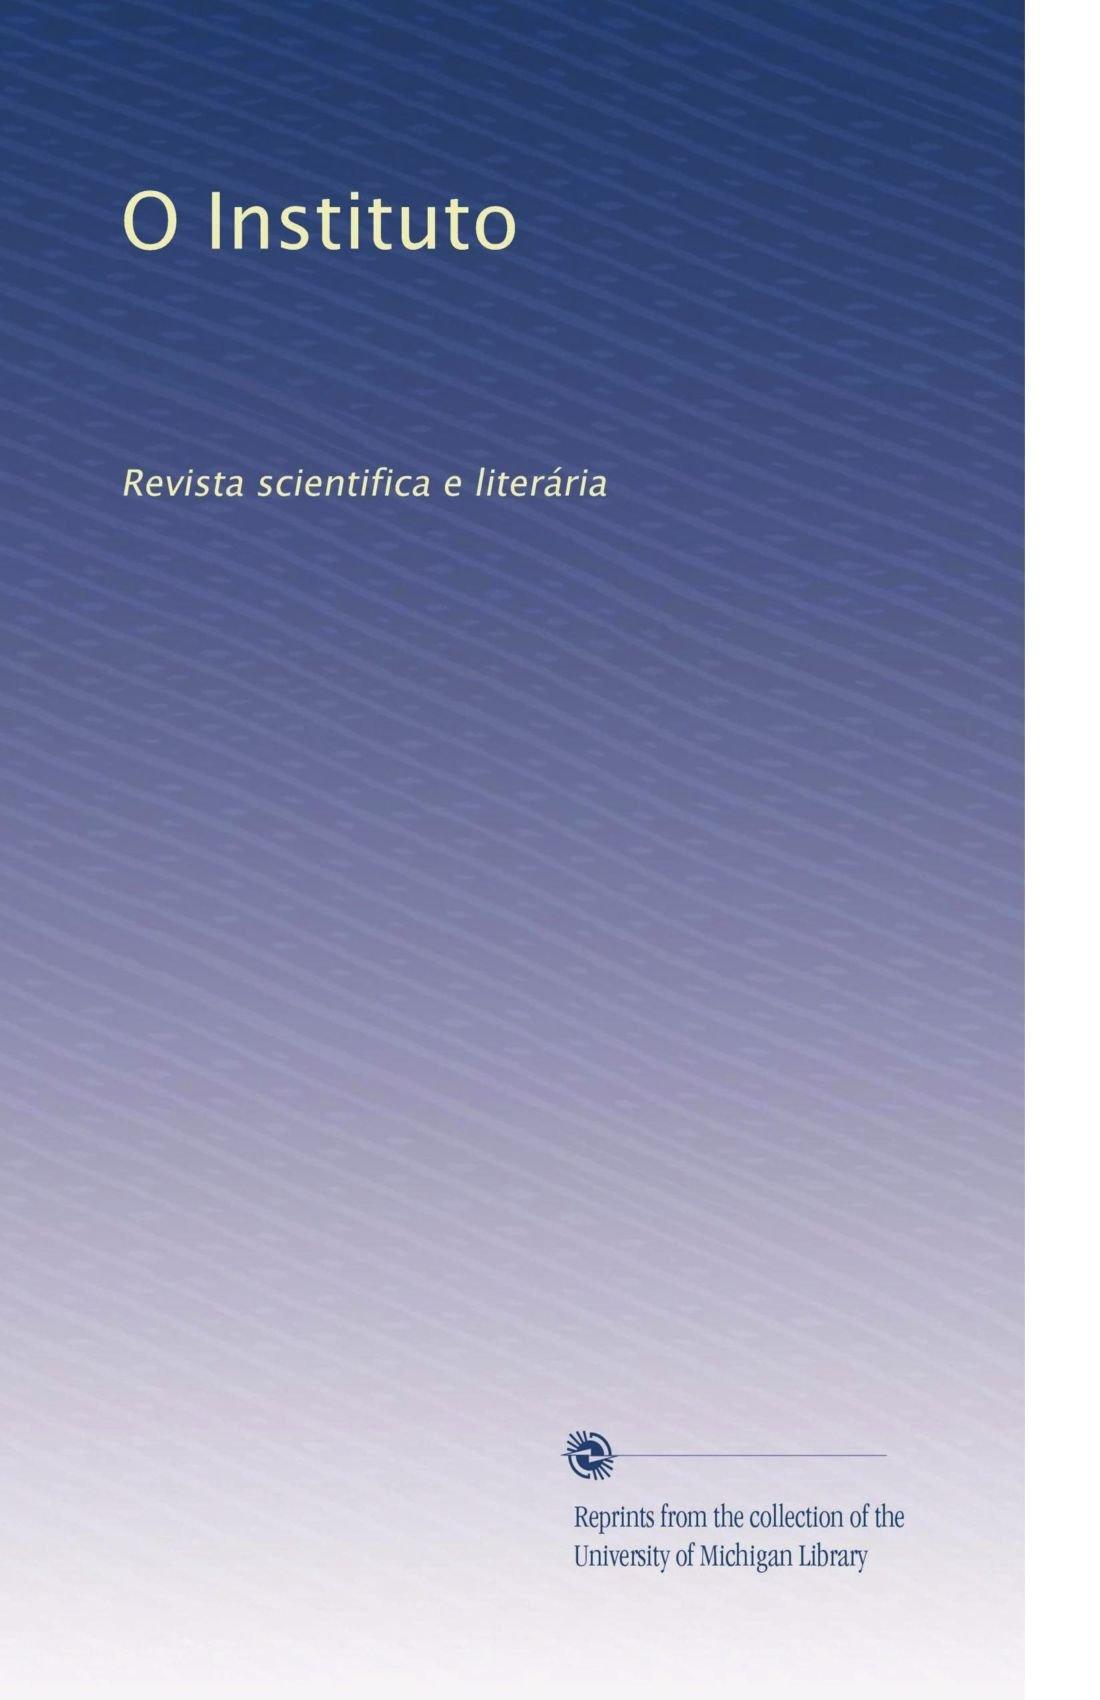 Read Online O Instituto: Revista scientifica e literária (Portuguese Edition) ebook